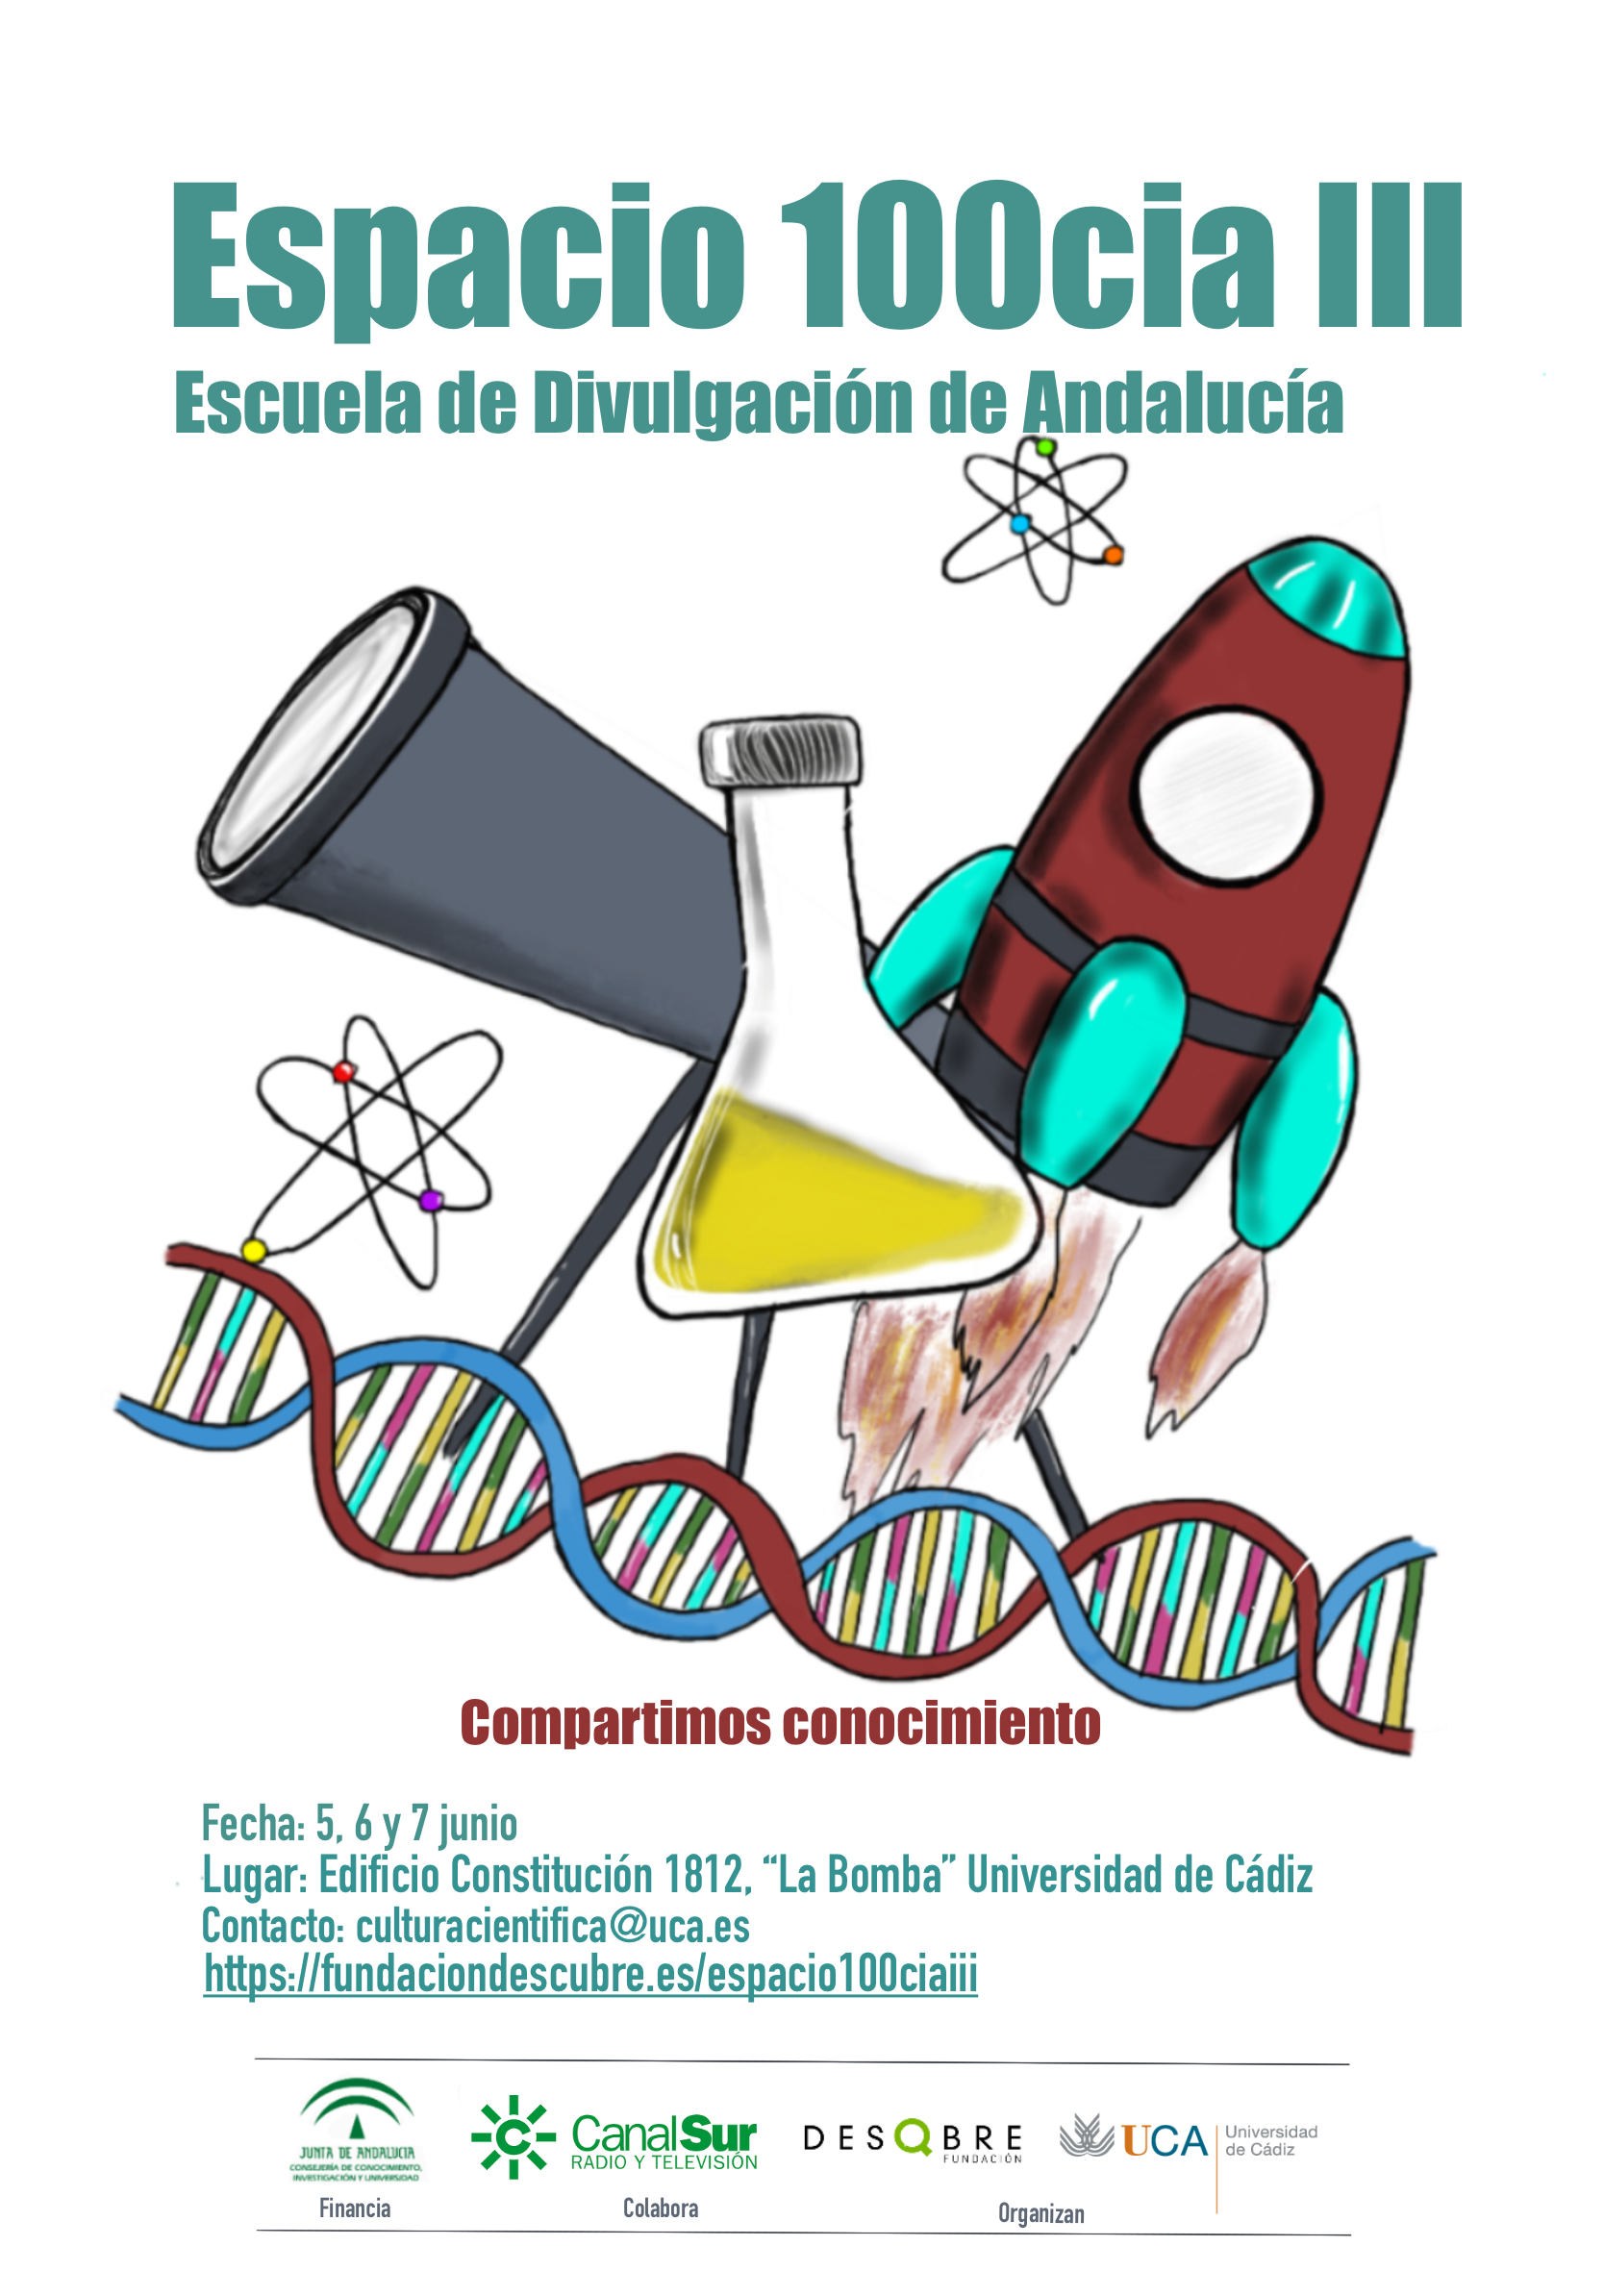 Espacio 100cia III. Escuela de Divulgación de Andalucía